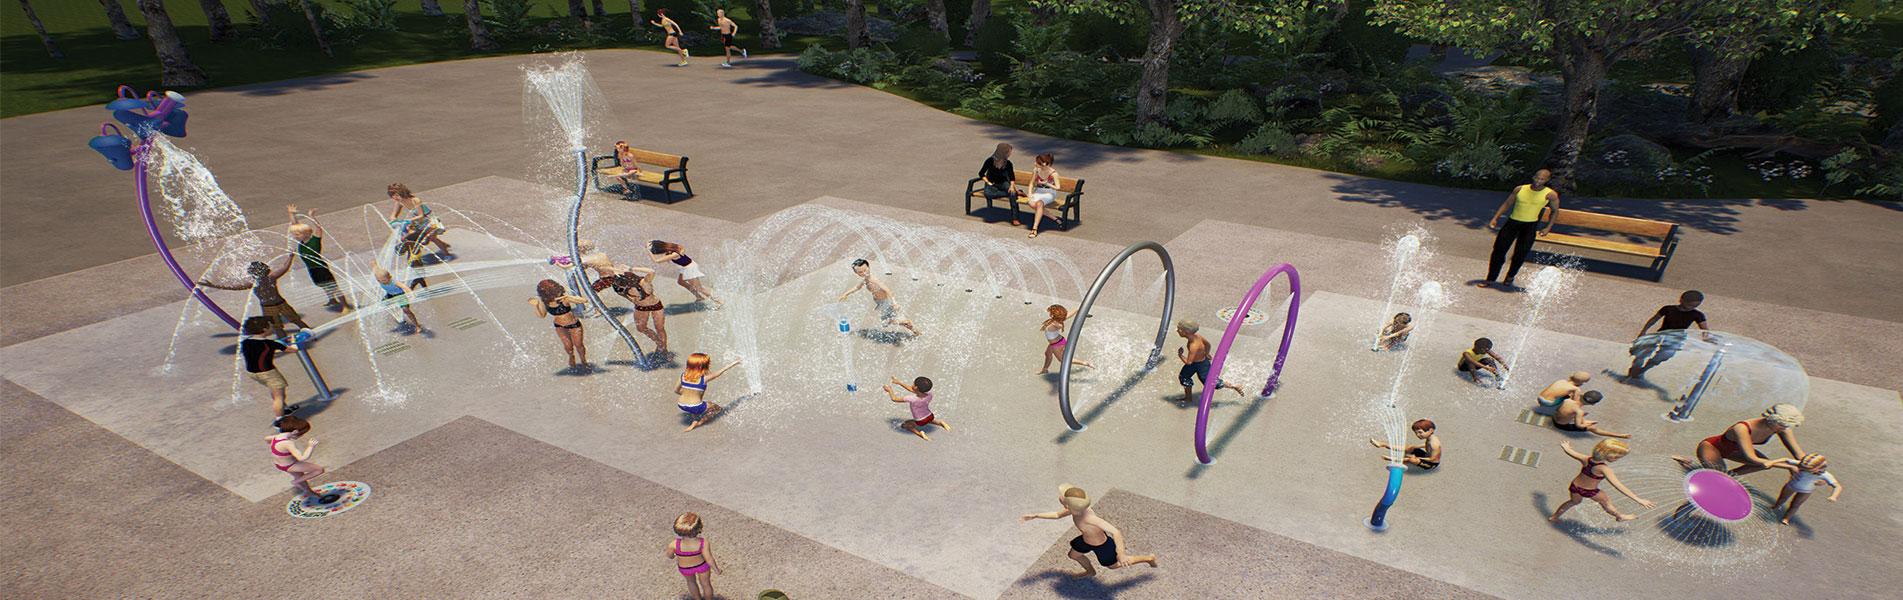 Spray Park De Kimpel Watergames & More